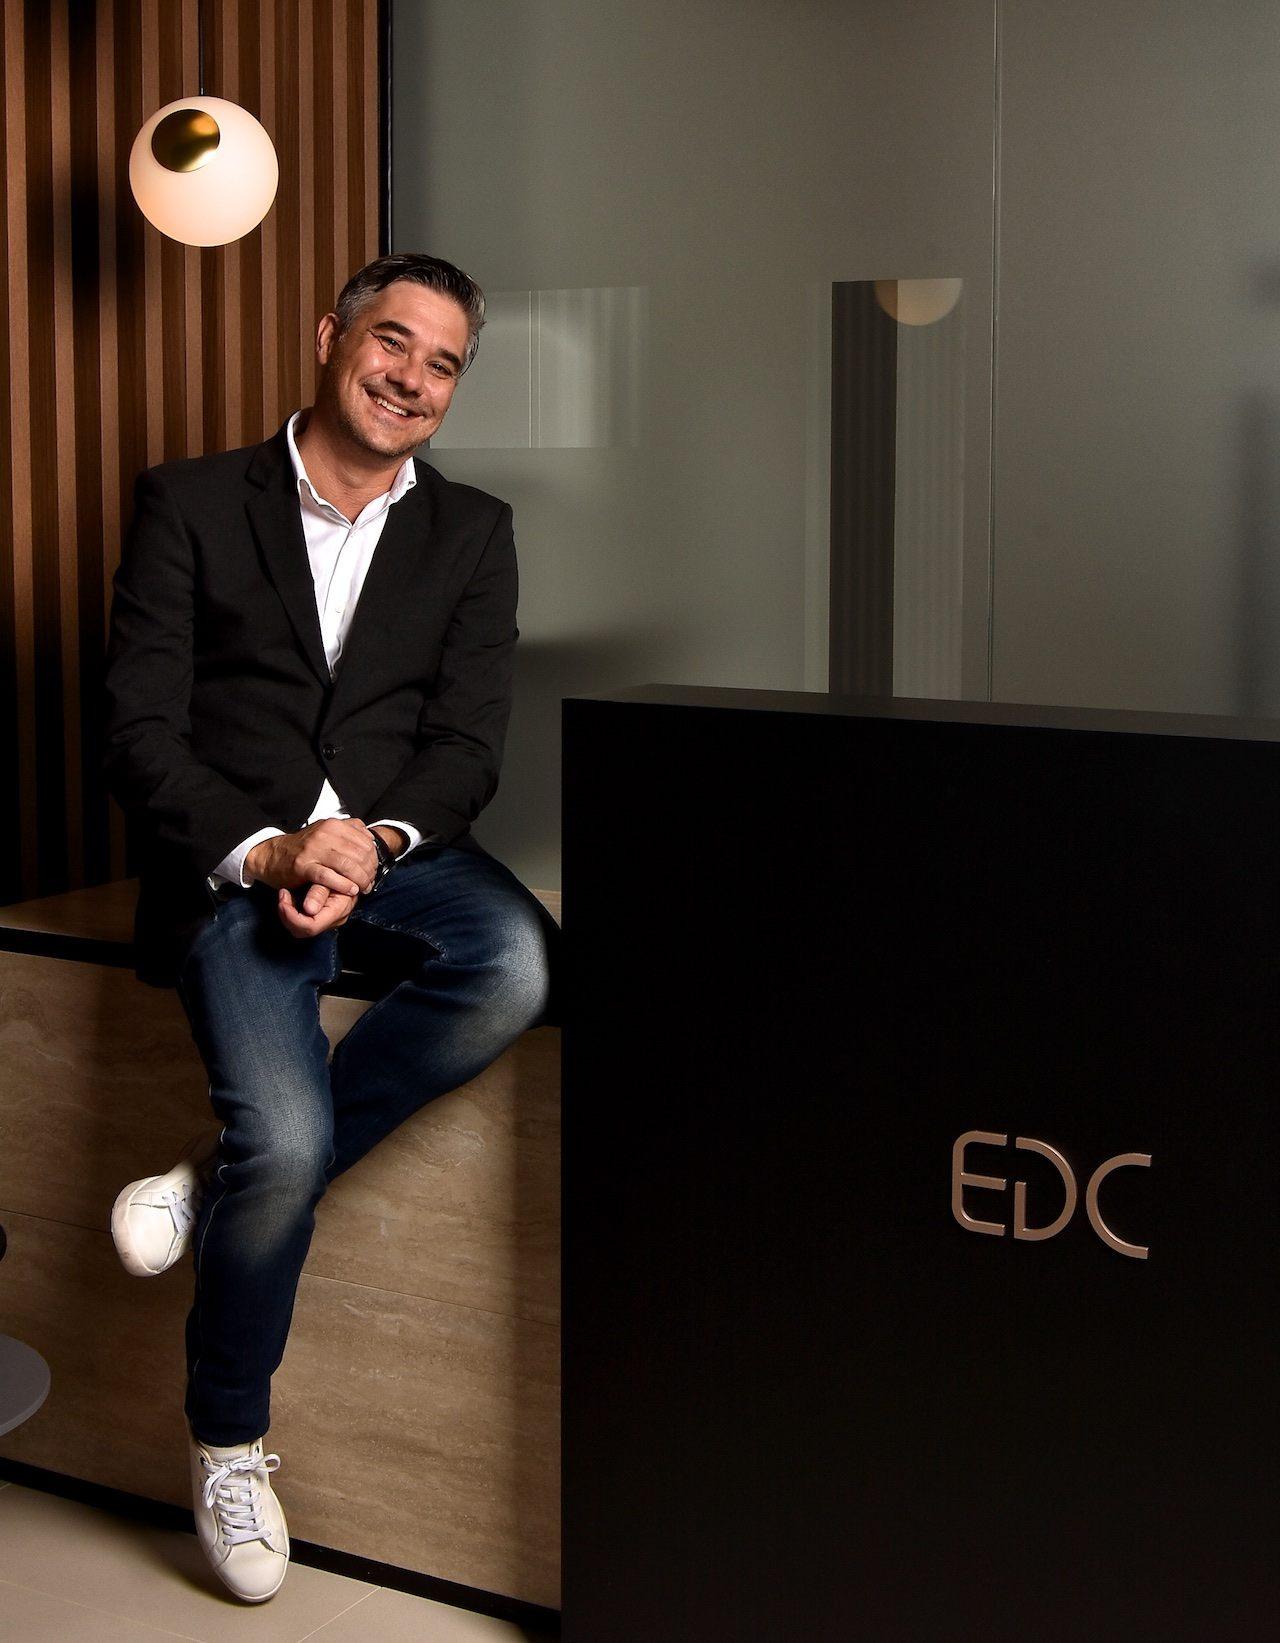 Daniel Baketić, dr.med.dent. u novom Esthetic Dental Centru u Zagrebu